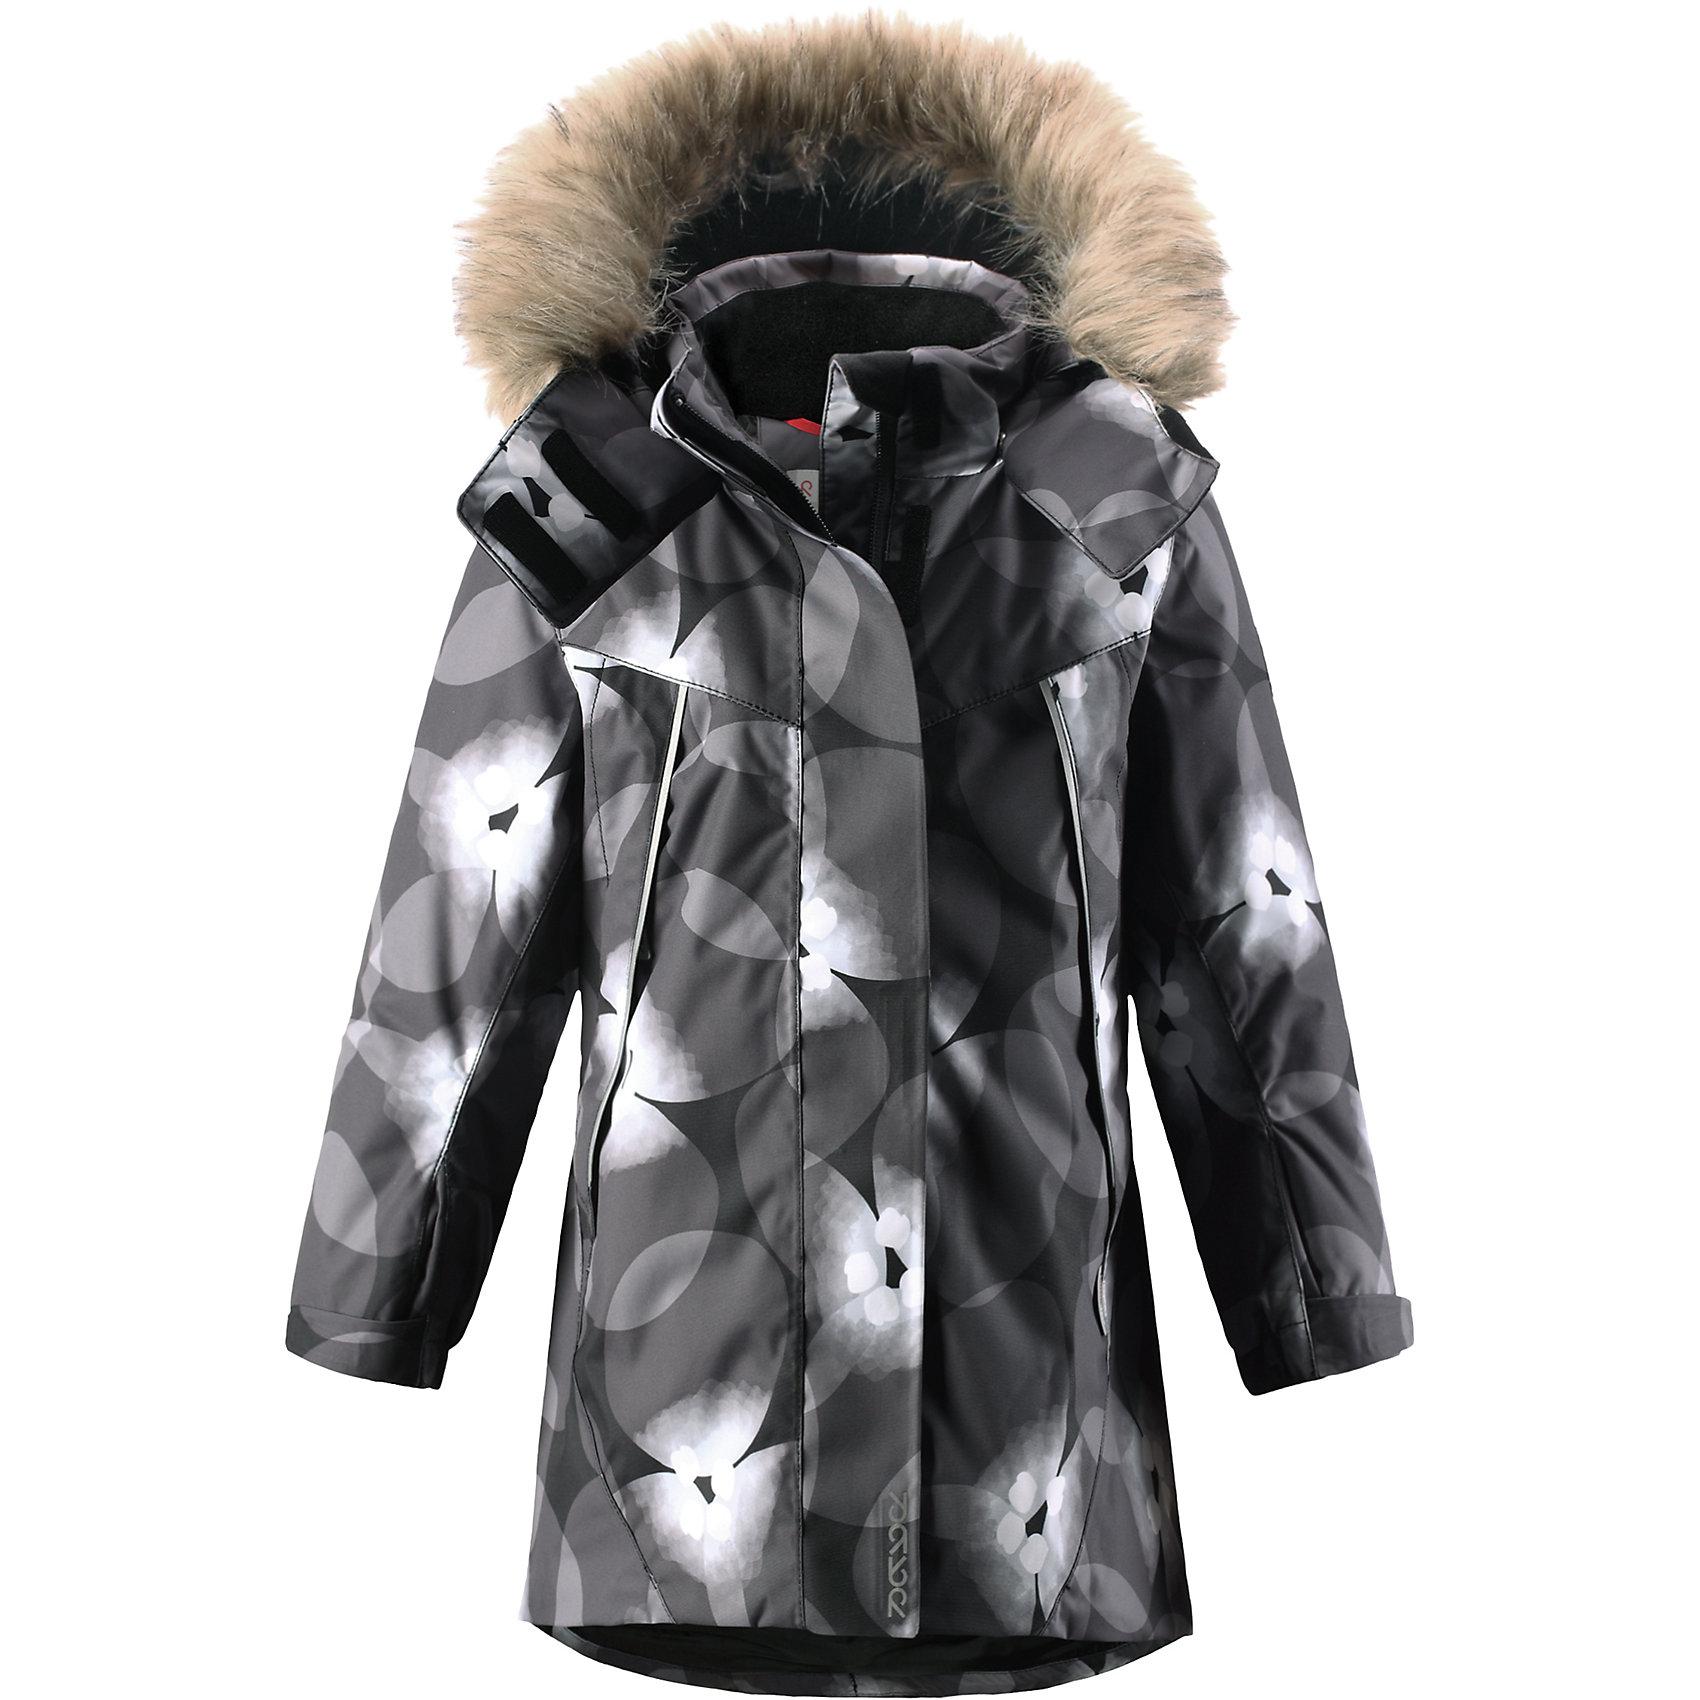 Куртка Muhvi для девочки Reimatec® ReimaКуртка для девочки Reimatec® Reima<br>Зимняя куртка для детей. Все швы проклеены и водонепроницаемы. Водо- и ветронепроницаемый, «дышащий» и грязеотталкивающий материал. Крой для девочек. Гладкая подкладка из полиэстра. Безопасный отстегивающийся и регулируемый капюшон с отсоединяемой меховой каймой из искусственного меха. Регулируемый манжет на липучке. Эластичный пояс сзади. Удлиненный подол сзади. Регулируемый подол. Внутренний нагрудный карман. Два кармана на молнии. Принт по всей поверхности. Безопасные светоотражающие детали.<br>Утеплитель: Reima® Soft Loft insulation,160 g<br>Уход:<br>Стирать по отдельности, вывернув наизнанку. Перед стиркой отстегните искусственный мех. Застегнуть молнии и липучки. Стирать моющим средством, не содержащим отбеливающие вещества. Полоскать без специального средства. Во избежание изменения цвета изделие необходимо вынуть из стиральной машинки незамедлительно после окончания программы стирки. Можно сушить в сушильном шкафу или центрифуге (макс. 40° C).<br>Состав:<br>100% Полиамид, полиуретановое покрытие<br><br>Ширина мм: 356<br>Глубина мм: 10<br>Высота мм: 245<br>Вес г: 519<br>Цвет: черный<br>Возраст от месяцев: 24<br>Возраст до месяцев: 36<br>Пол: Женский<br>Возраст: Детский<br>Размер: 98,116,140,122,110,92,104,134,128<br>SKU: 4777946